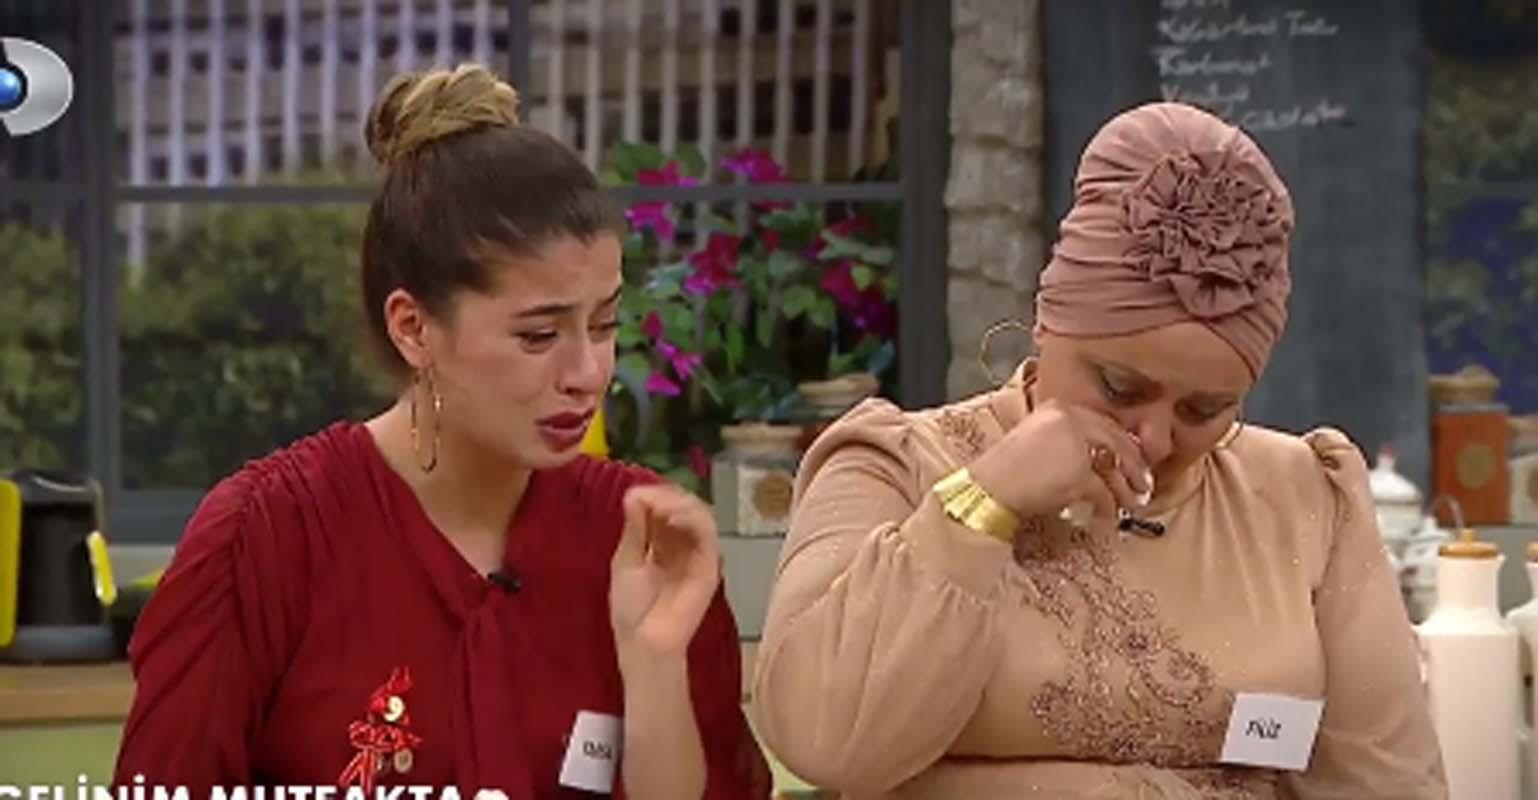 Gelinim Mutfakta'da gözyaşları sel oldu! Yaren'in kayınvalidesi Filiz Hanım anlattıklarıyla Demet Akalın'ı bile ağlattı!